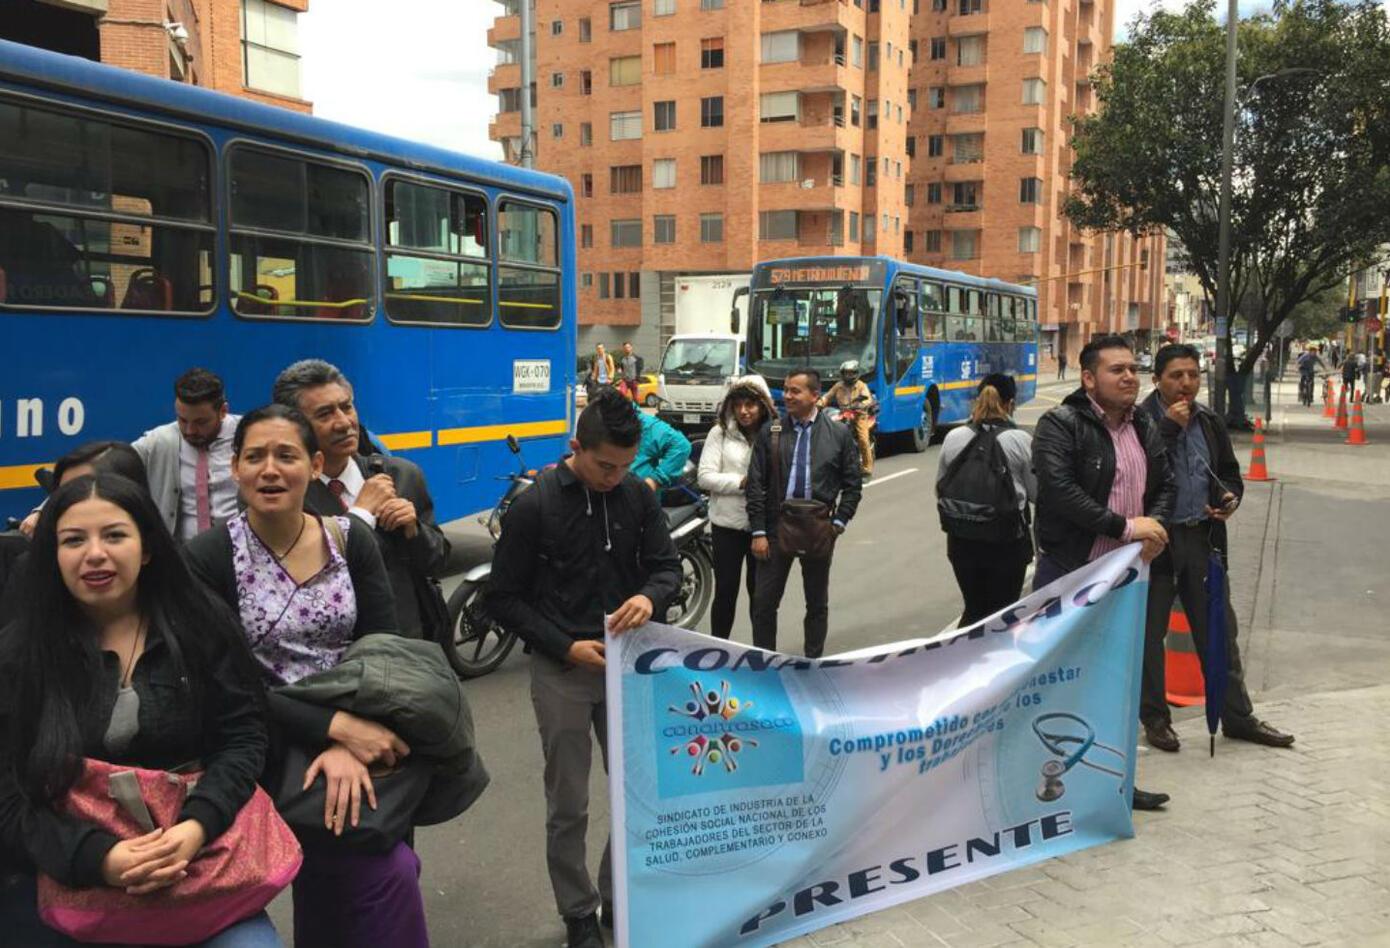 La protesta saldrá desde el Parque Nacional para realizar un gran plantón al frente del Ministerio de Salud